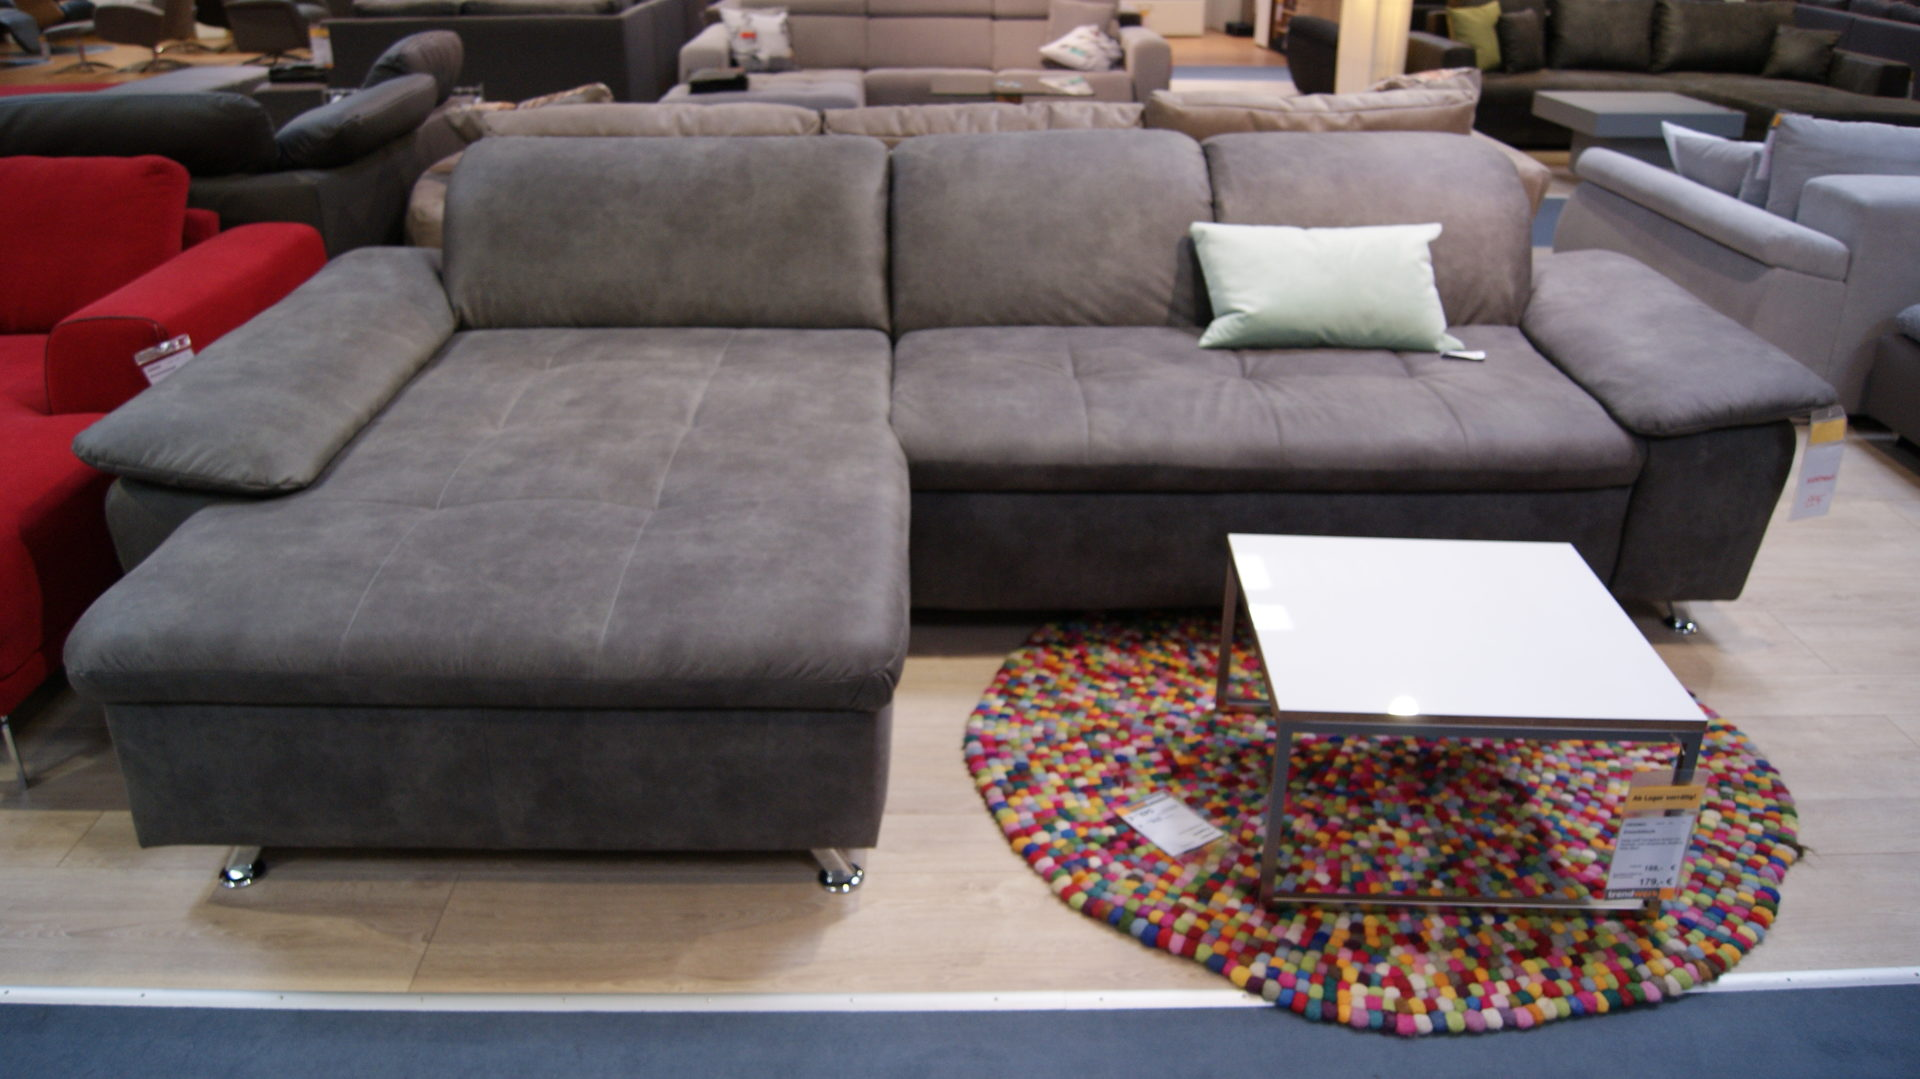 Möbel Busch Räume Wohnzimmer Sofas Couches Trendwerk